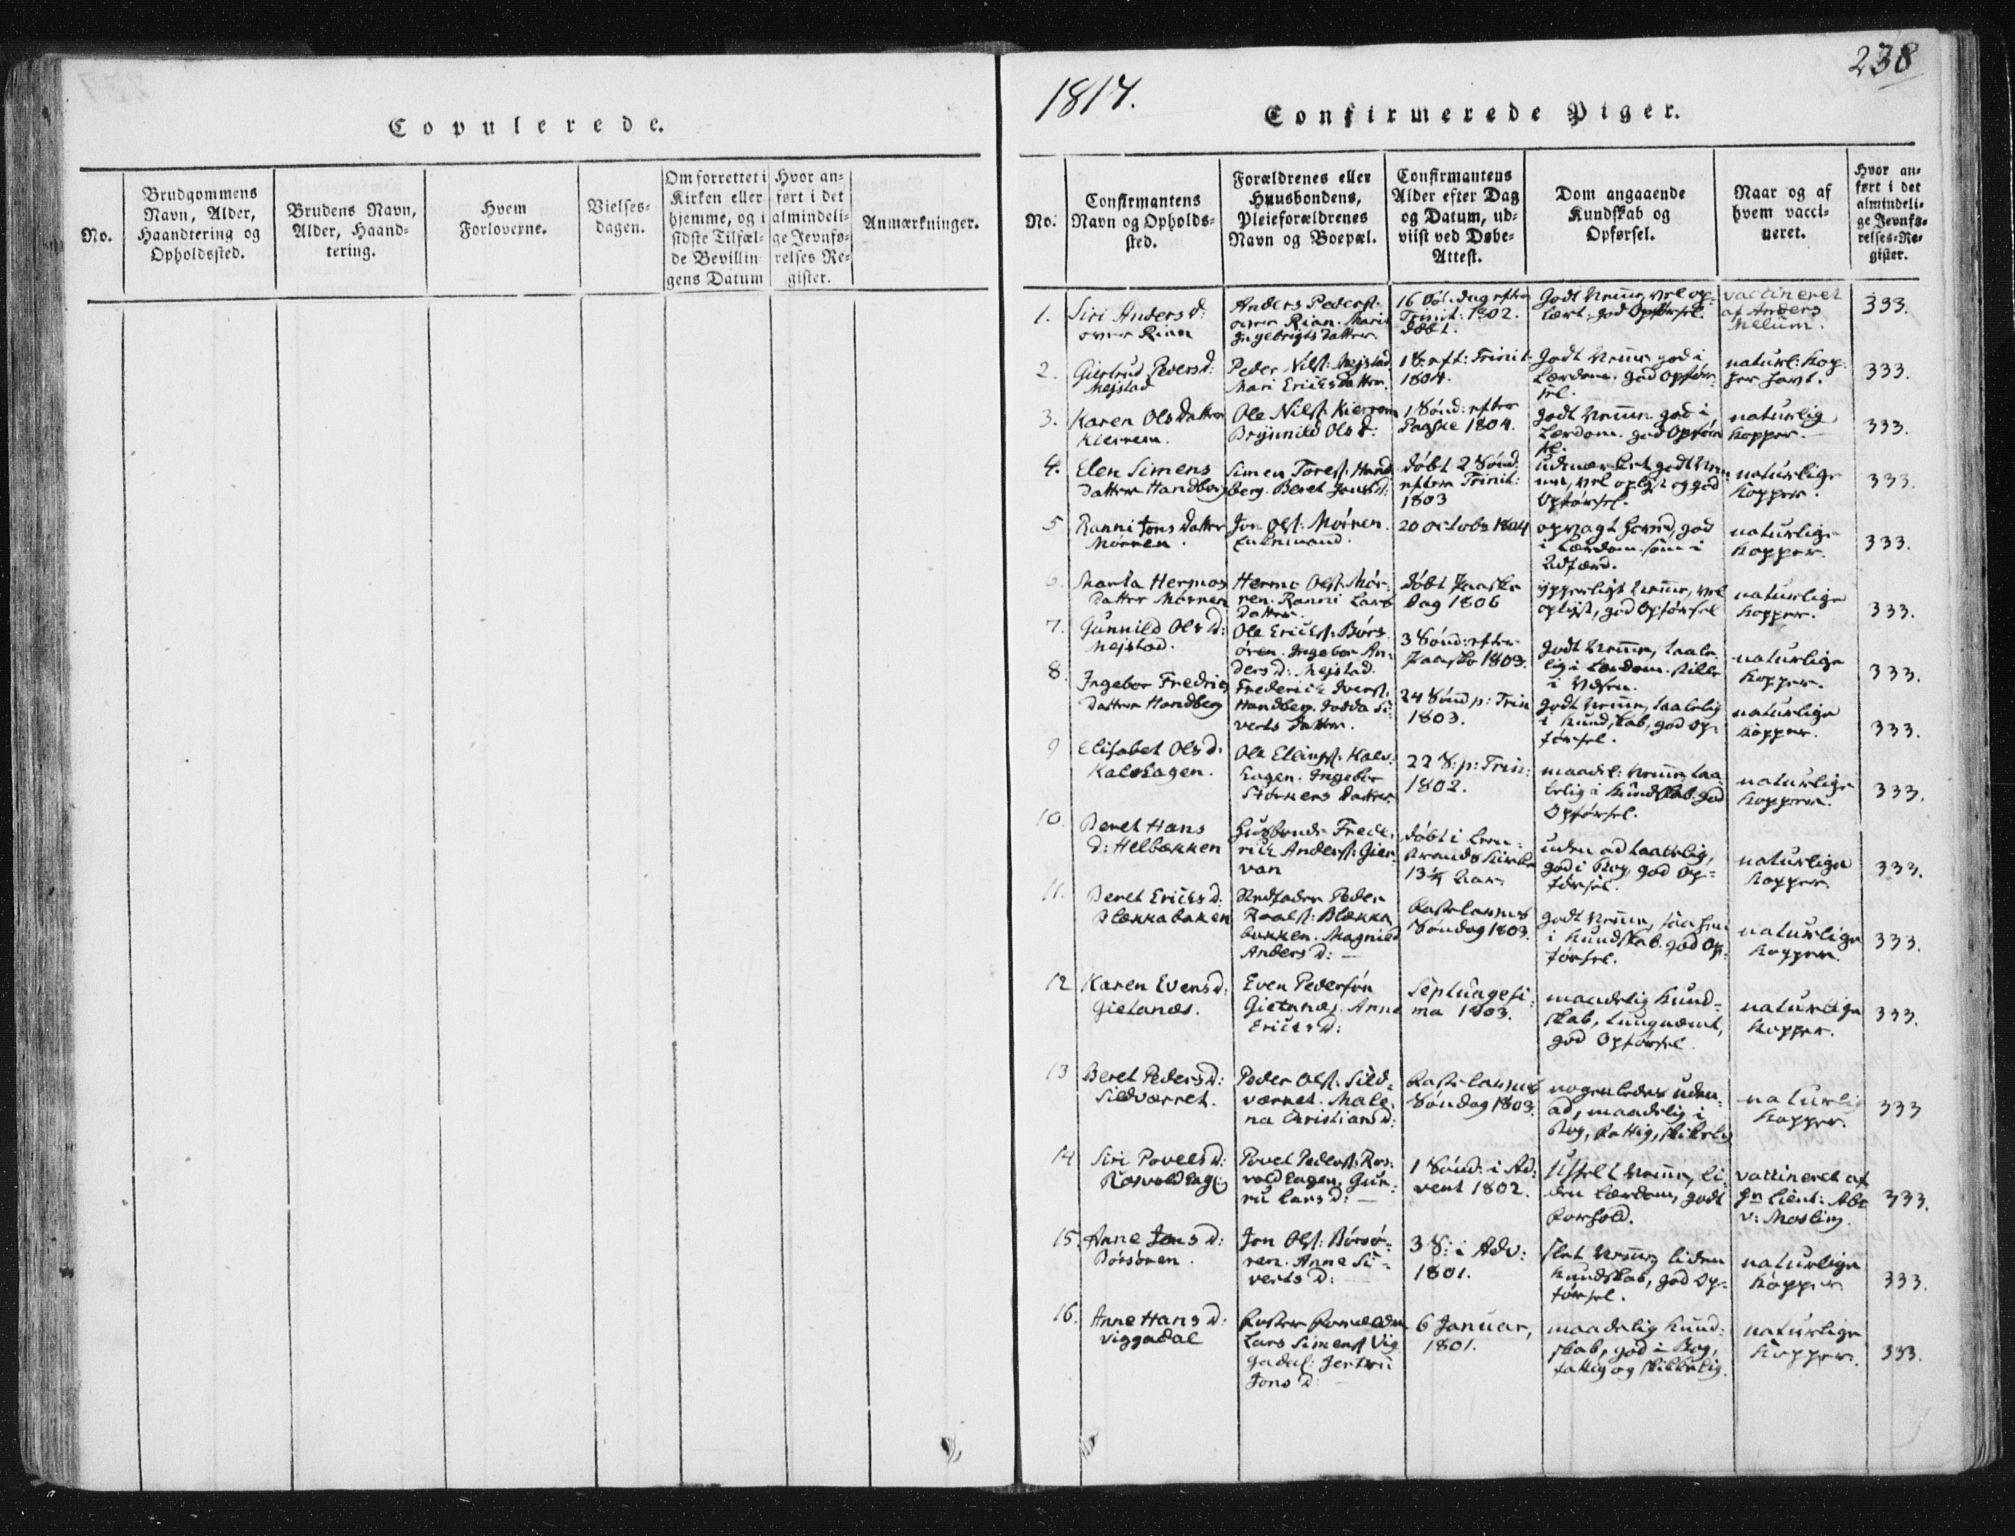 SAT, Ministerialprotokoller, klokkerbøker og fødselsregistre - Sør-Trøndelag, 665/L0770: Ministerialbok nr. 665A05, 1817-1829, s. 238